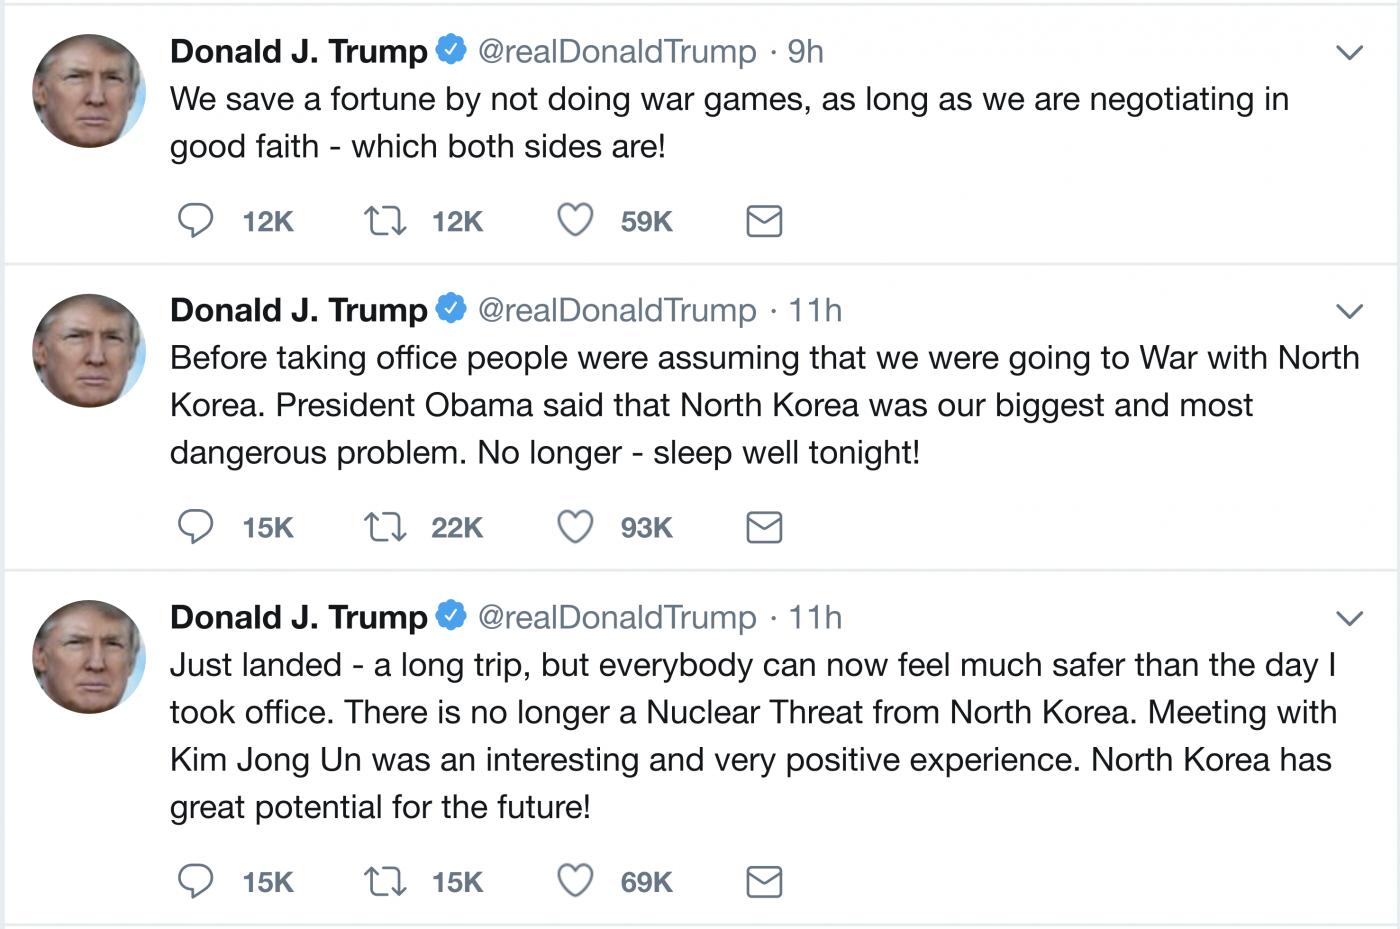 特朗普宣布朝鲜核威胁已经不复存在_图1-1